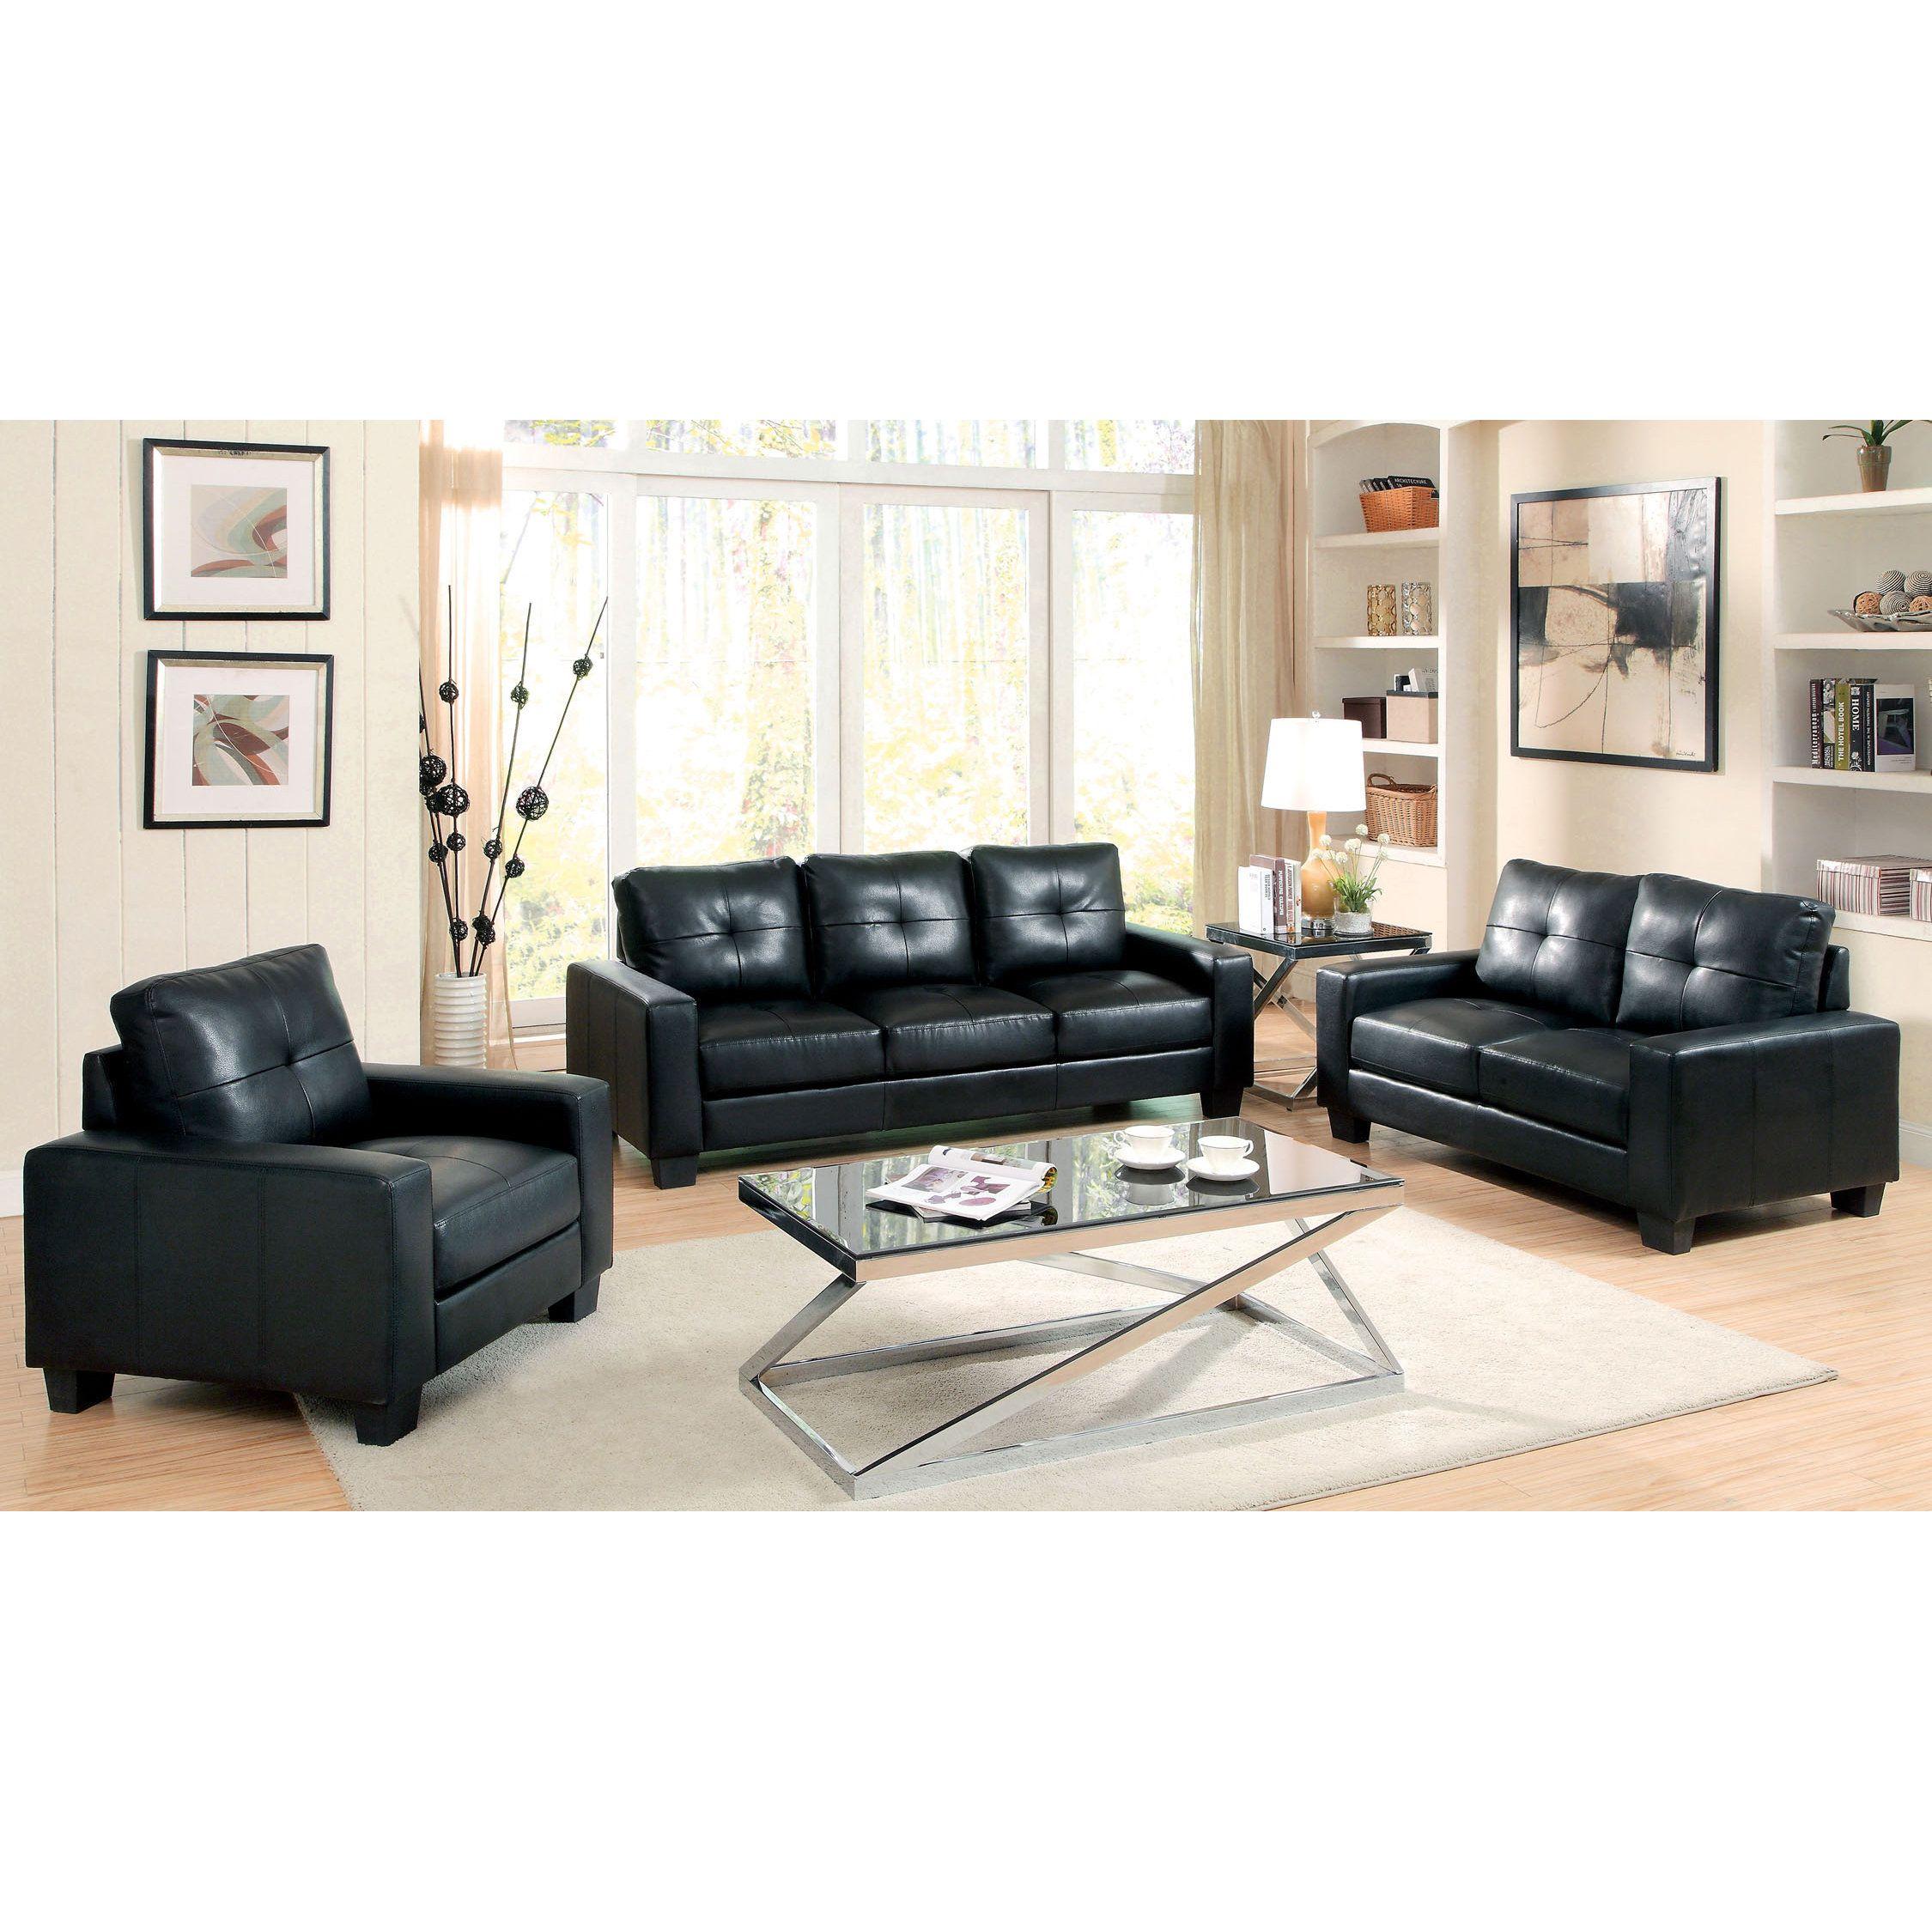 black leather living room furniture sets%0A Furniture